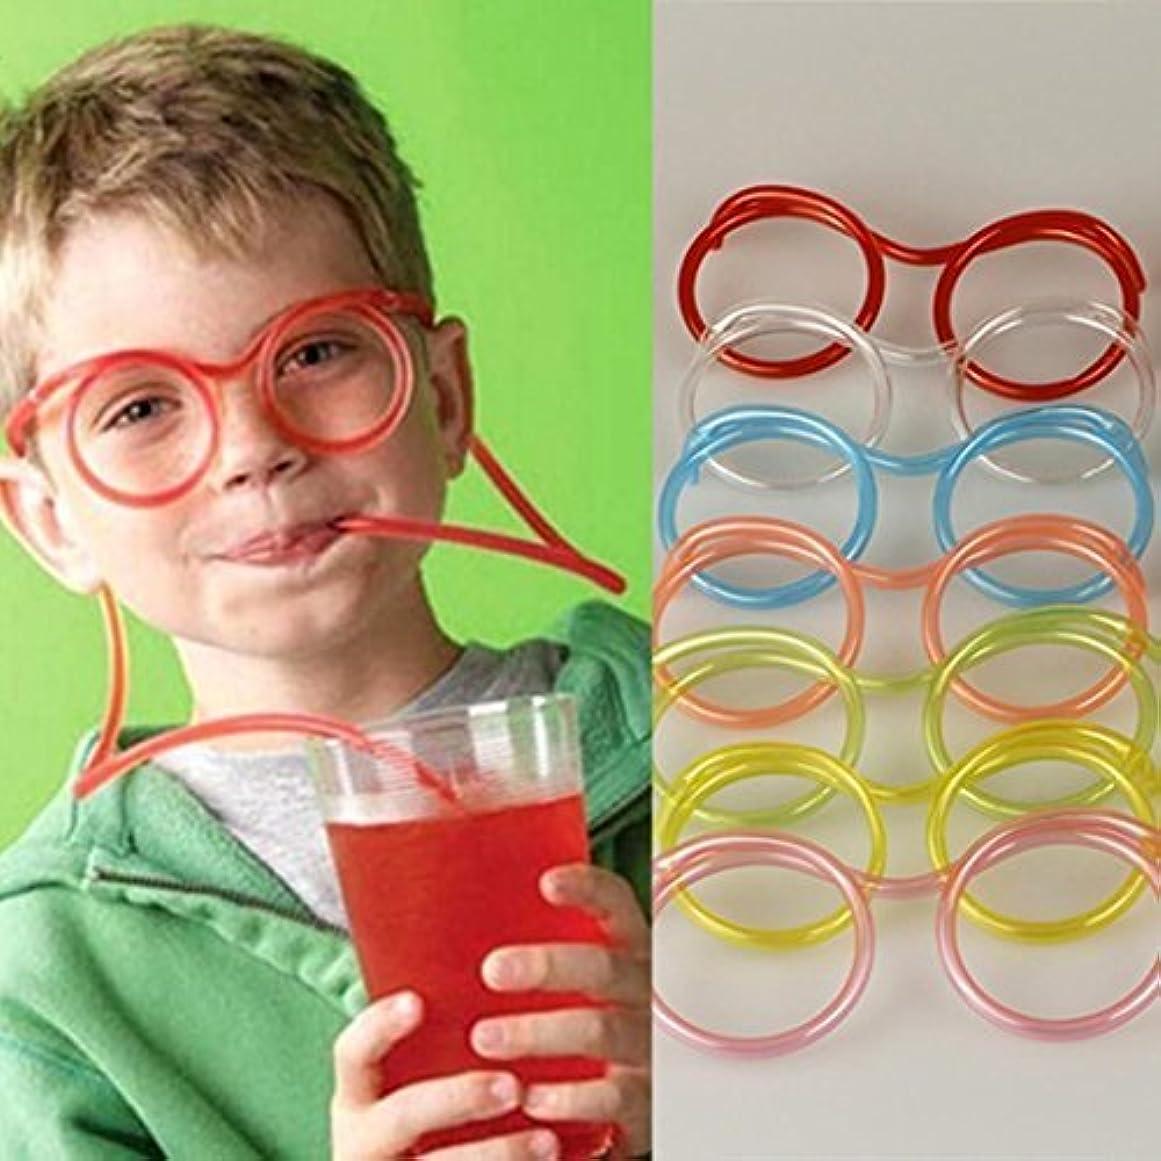 曲がったイライラする怒る子供の狂った管の柔軟なギフトパーティーストロー楽しい目新しさを飲んでガラスの供給